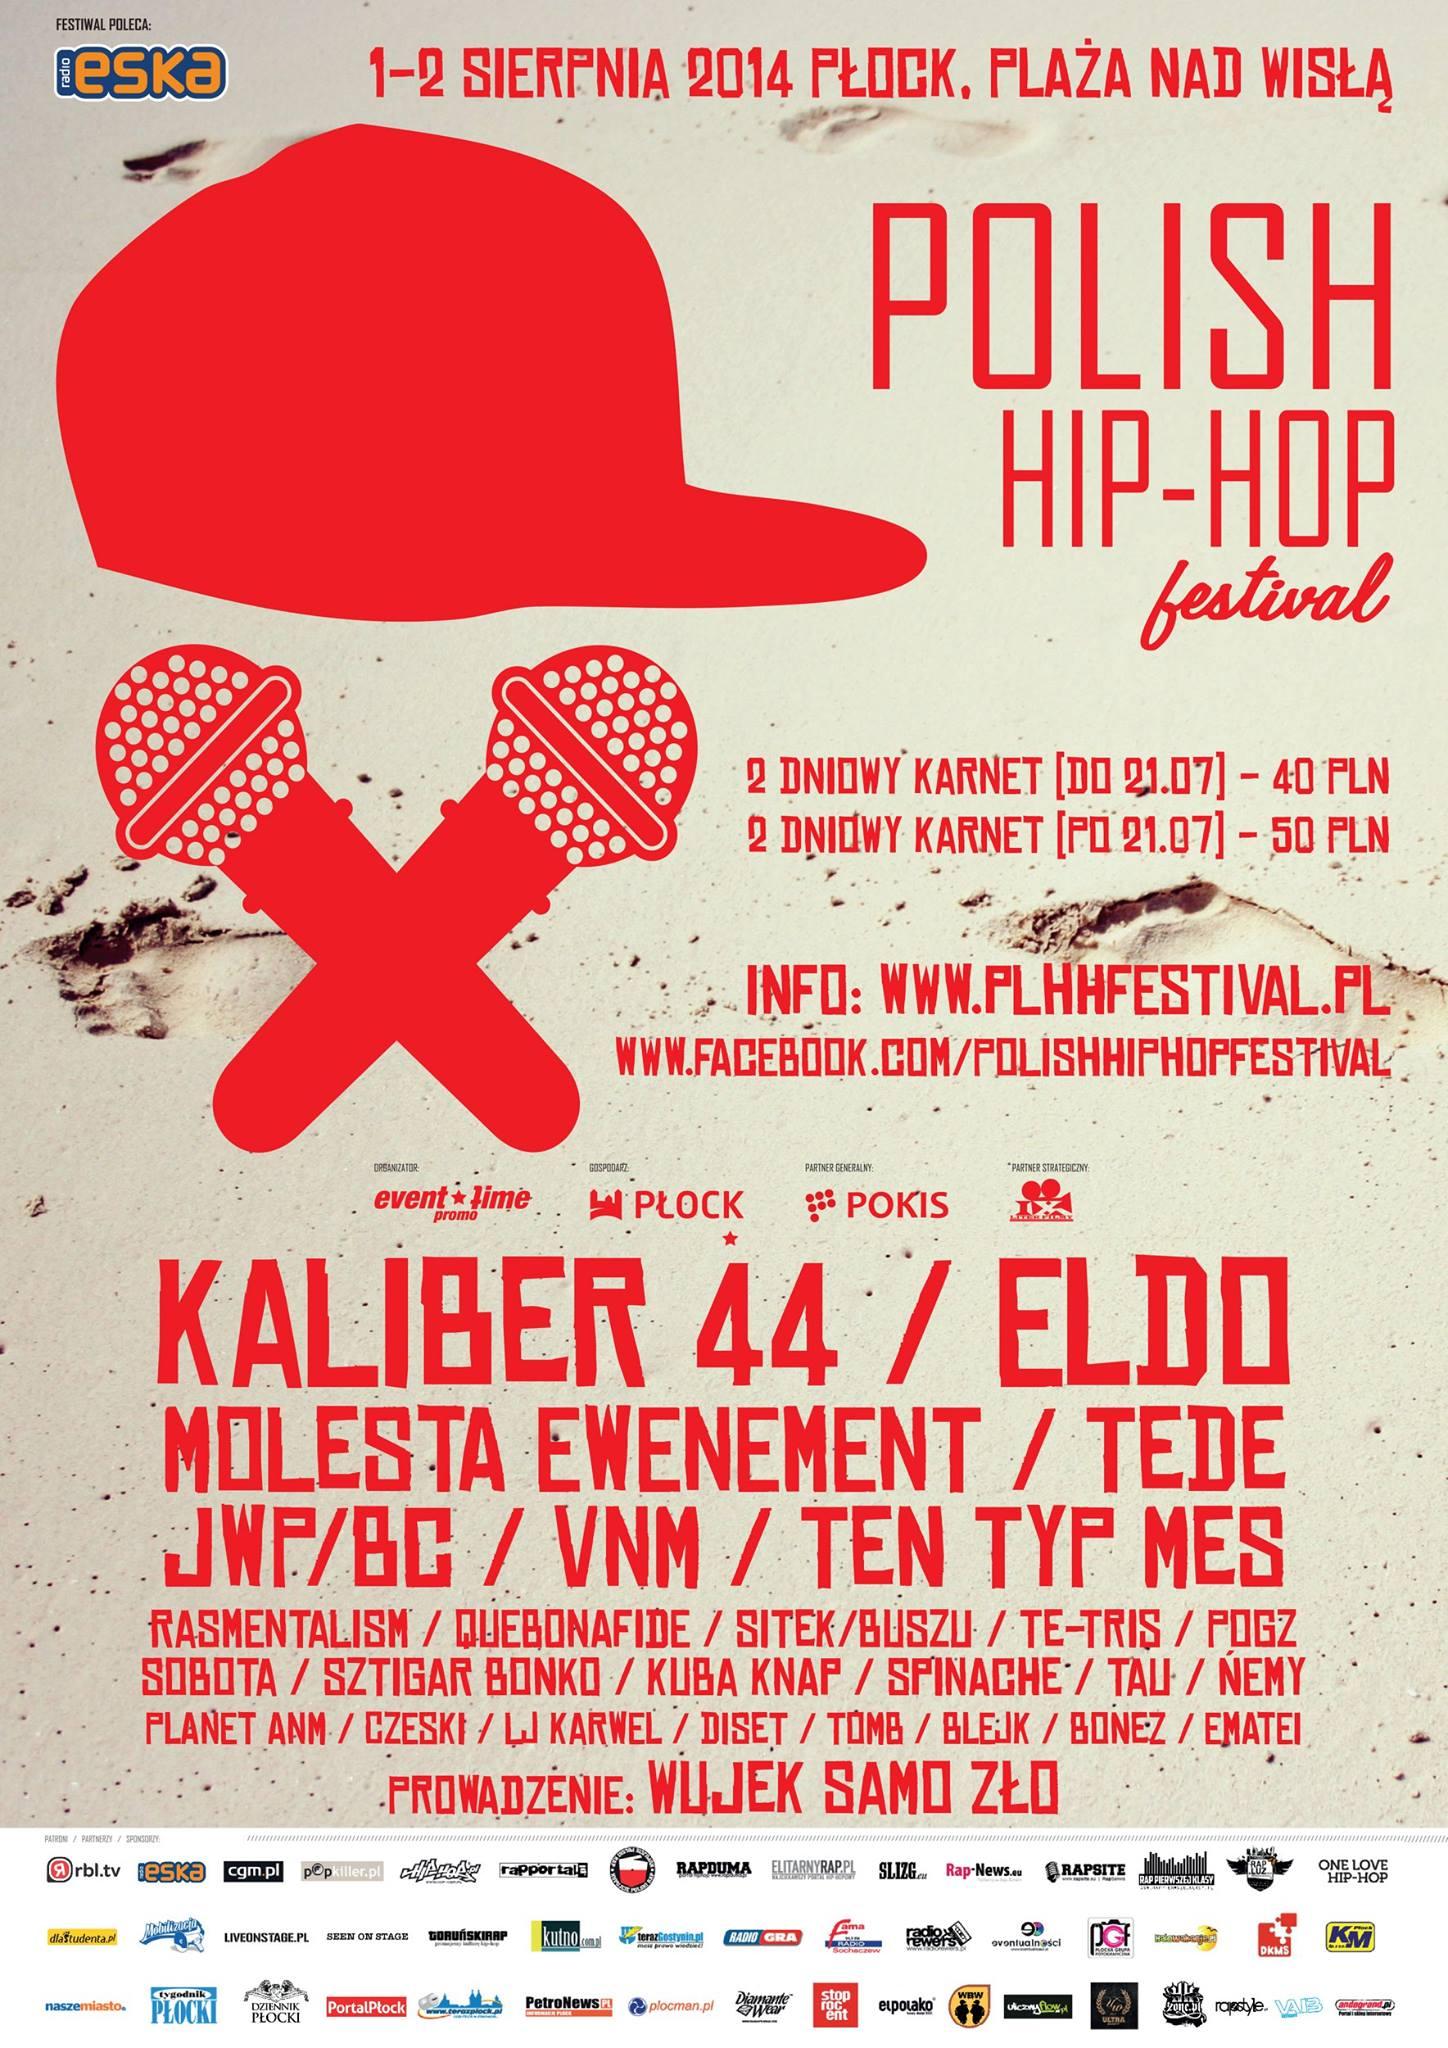 plakat Polish Hip Hop Festival Płock 2014